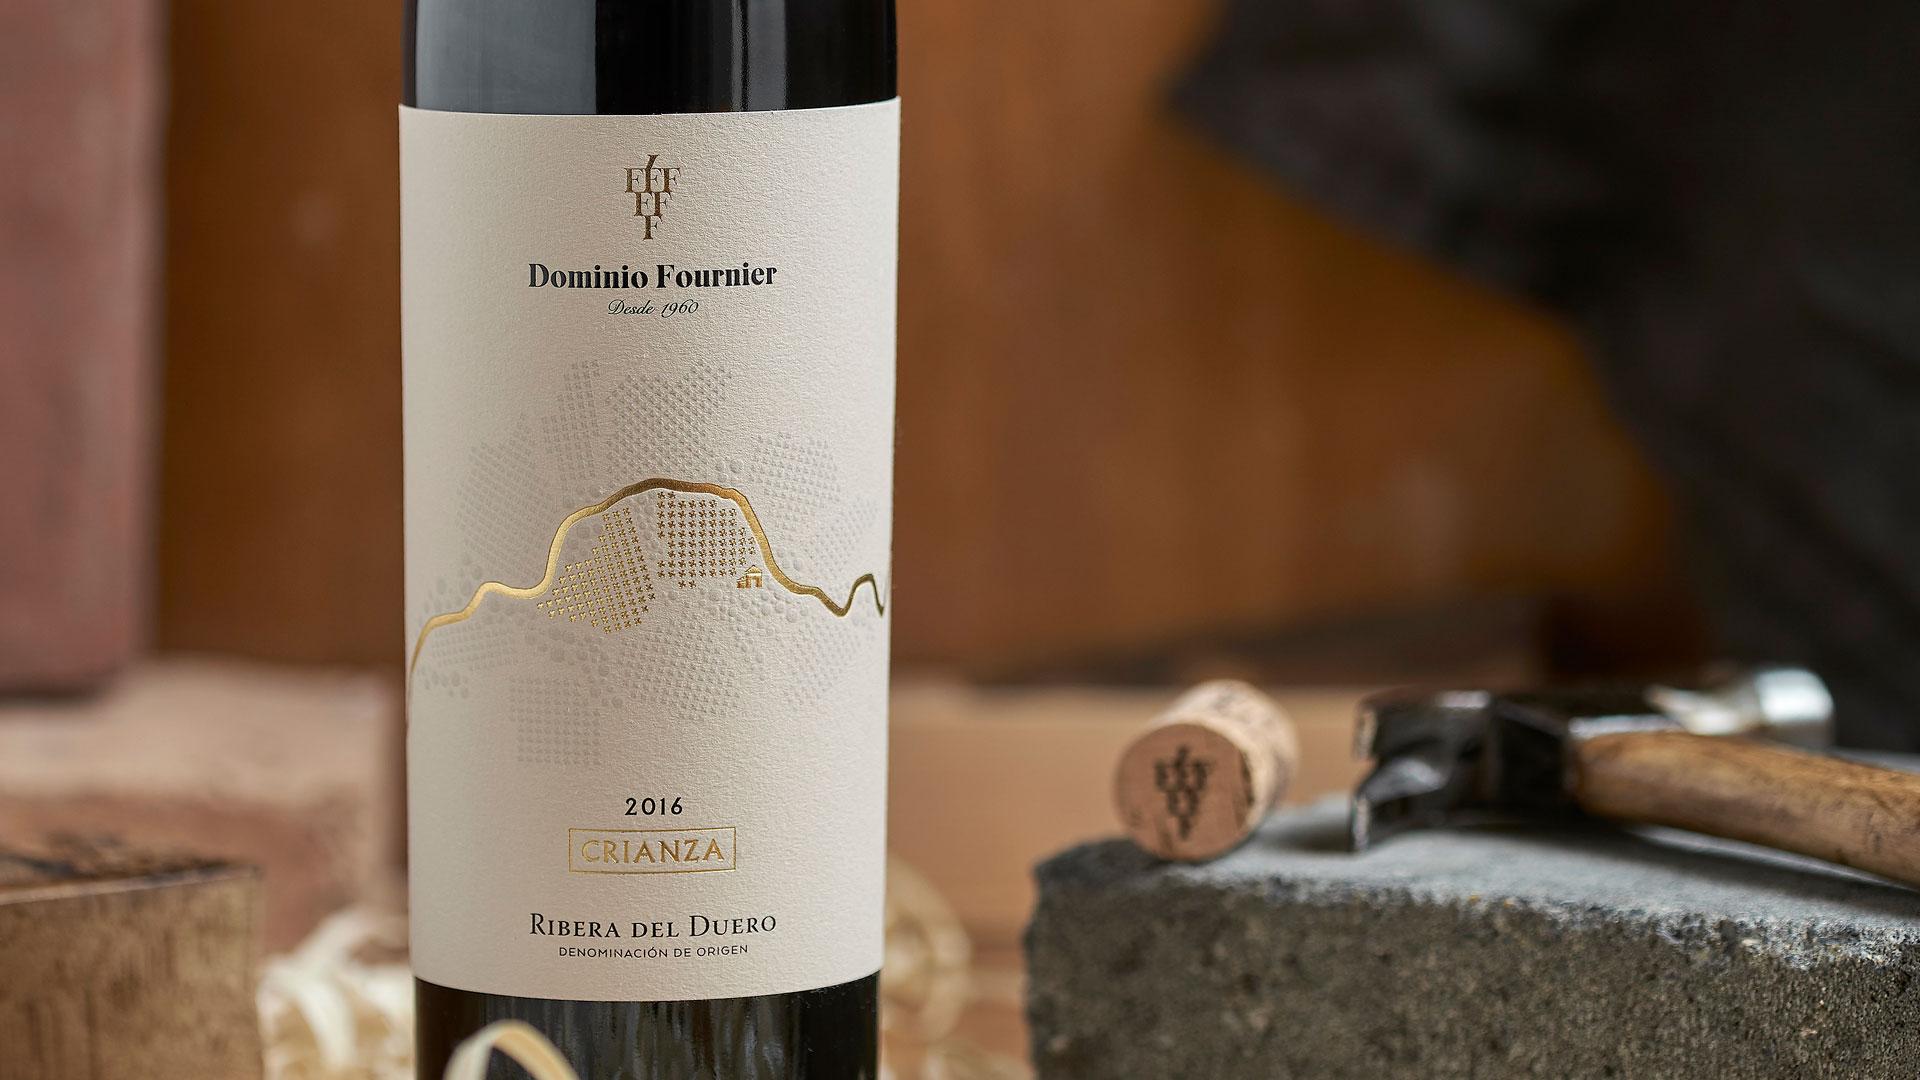 Imagen del vino Dominio Fournier